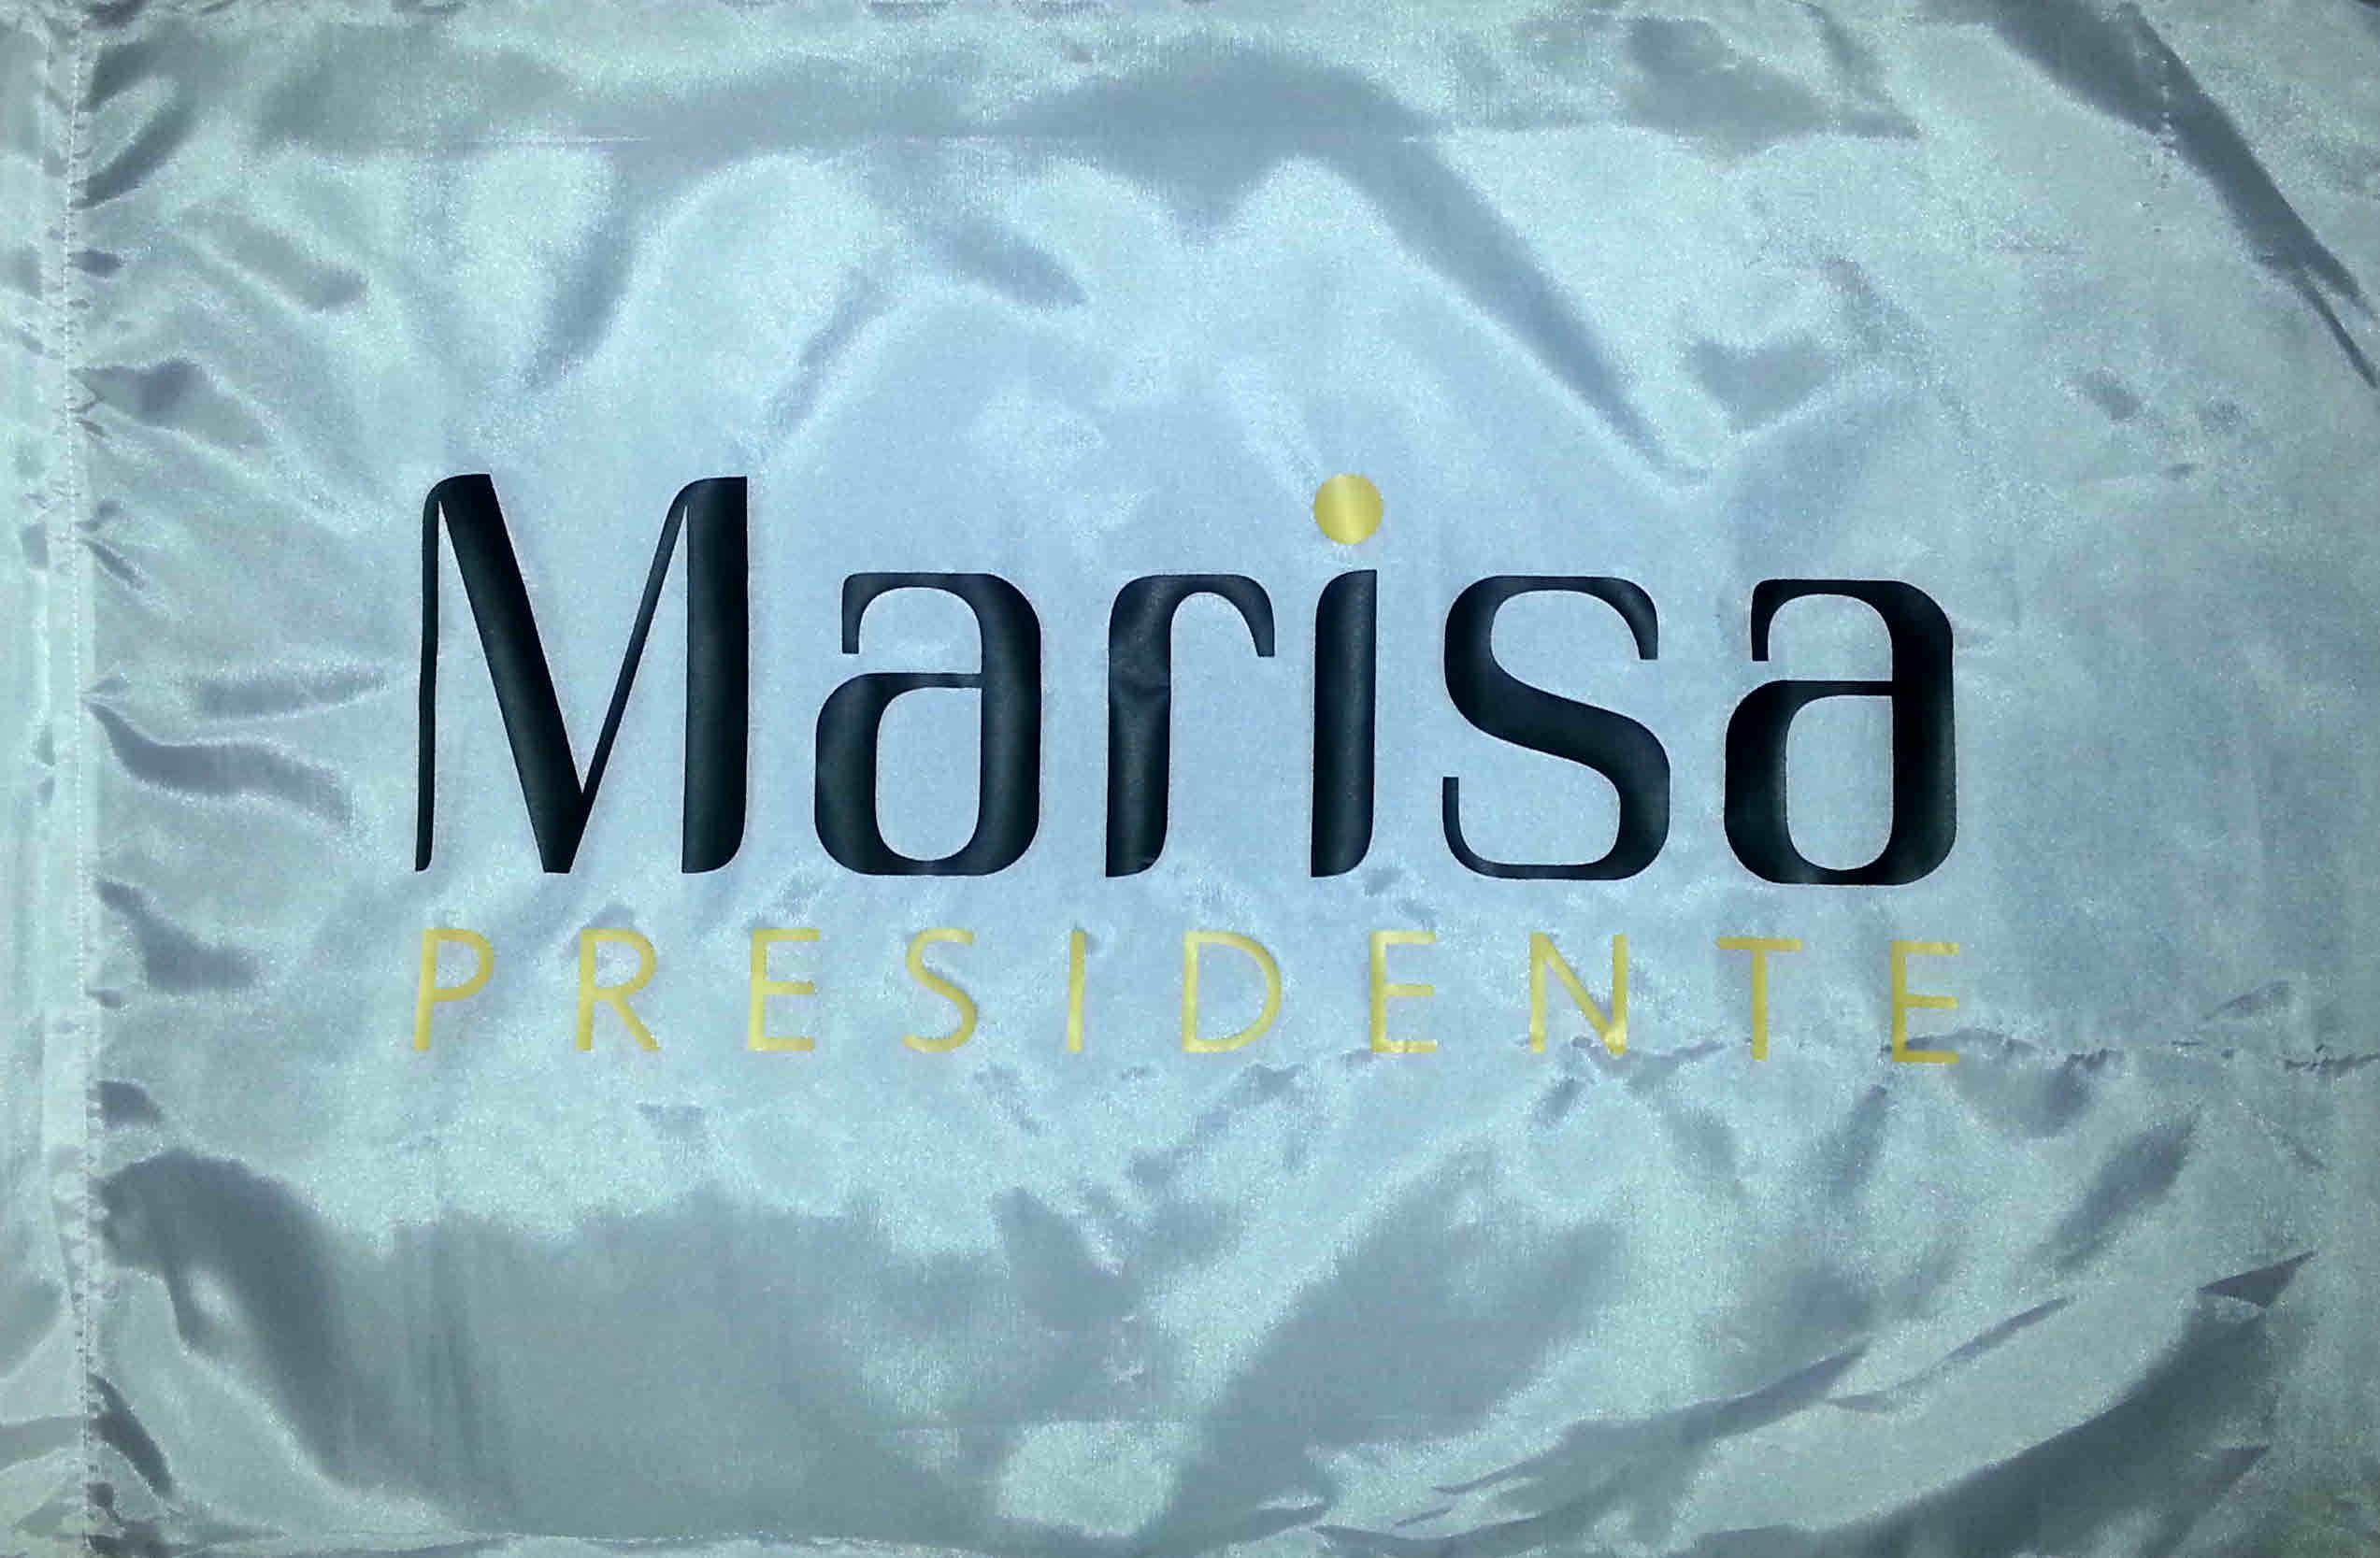 Marisa_BE_2016_bandeira_02